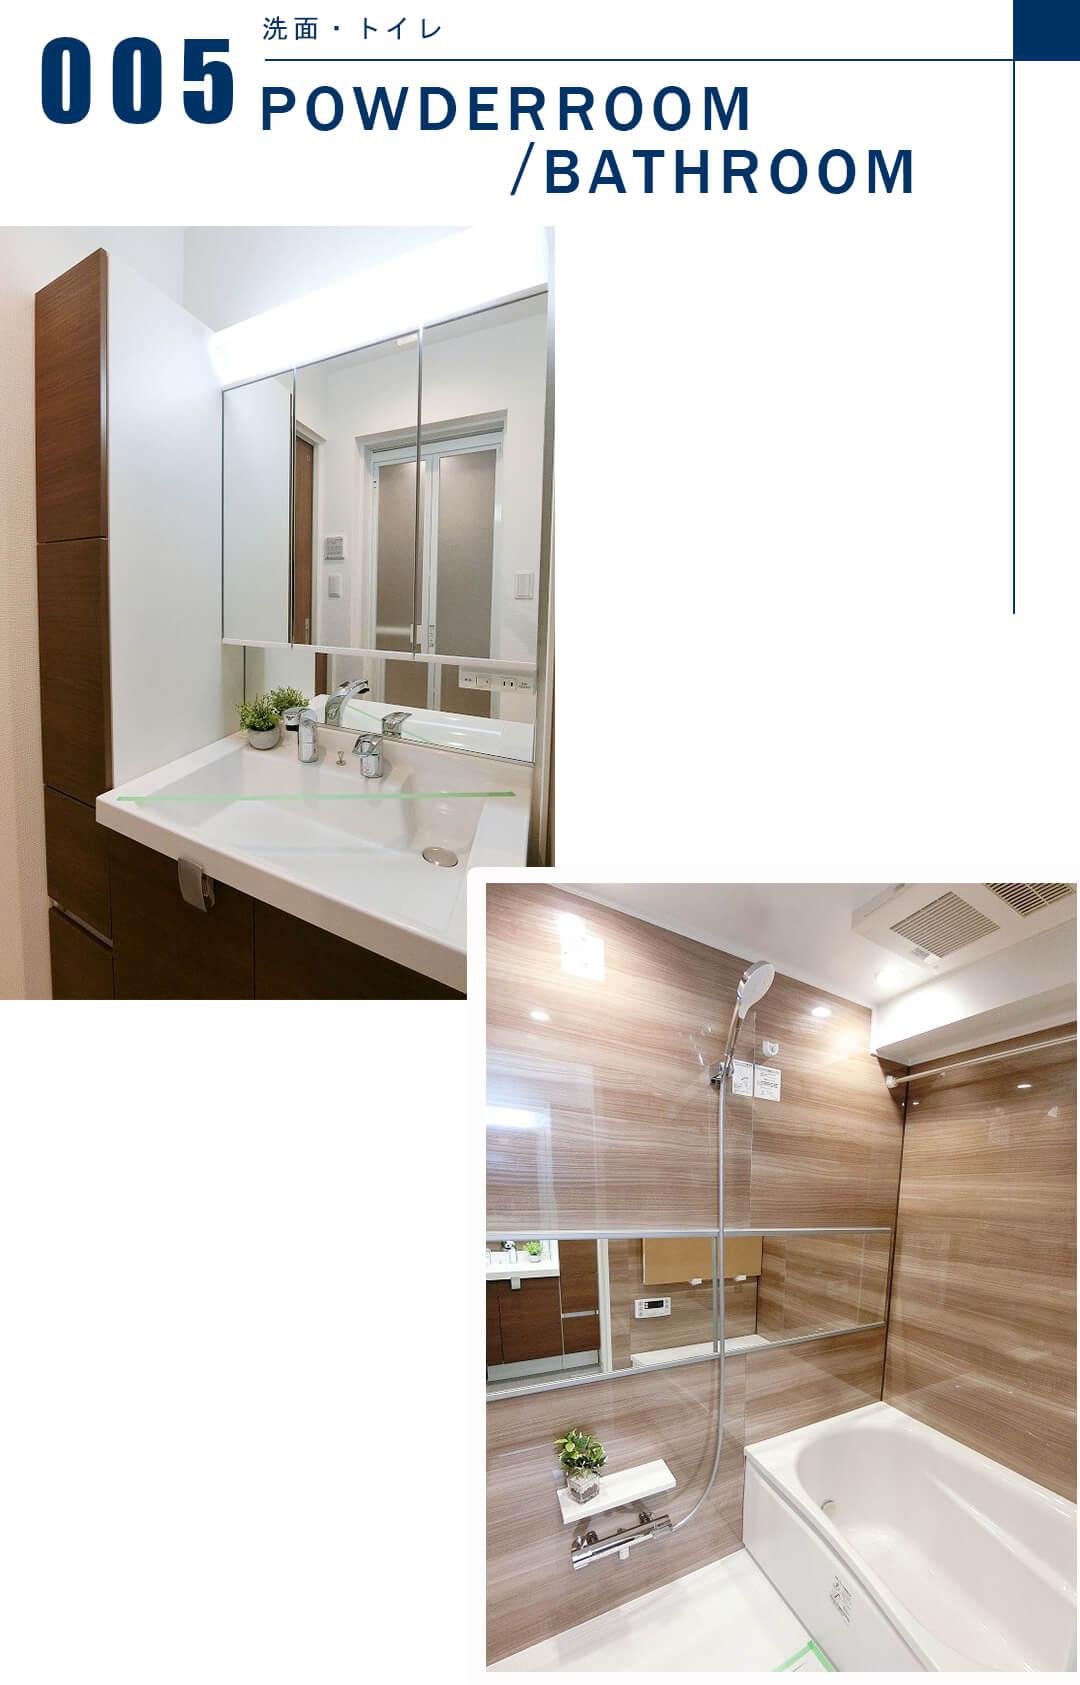 005洗面室,浴室,POWDERROOM,BATHROOM